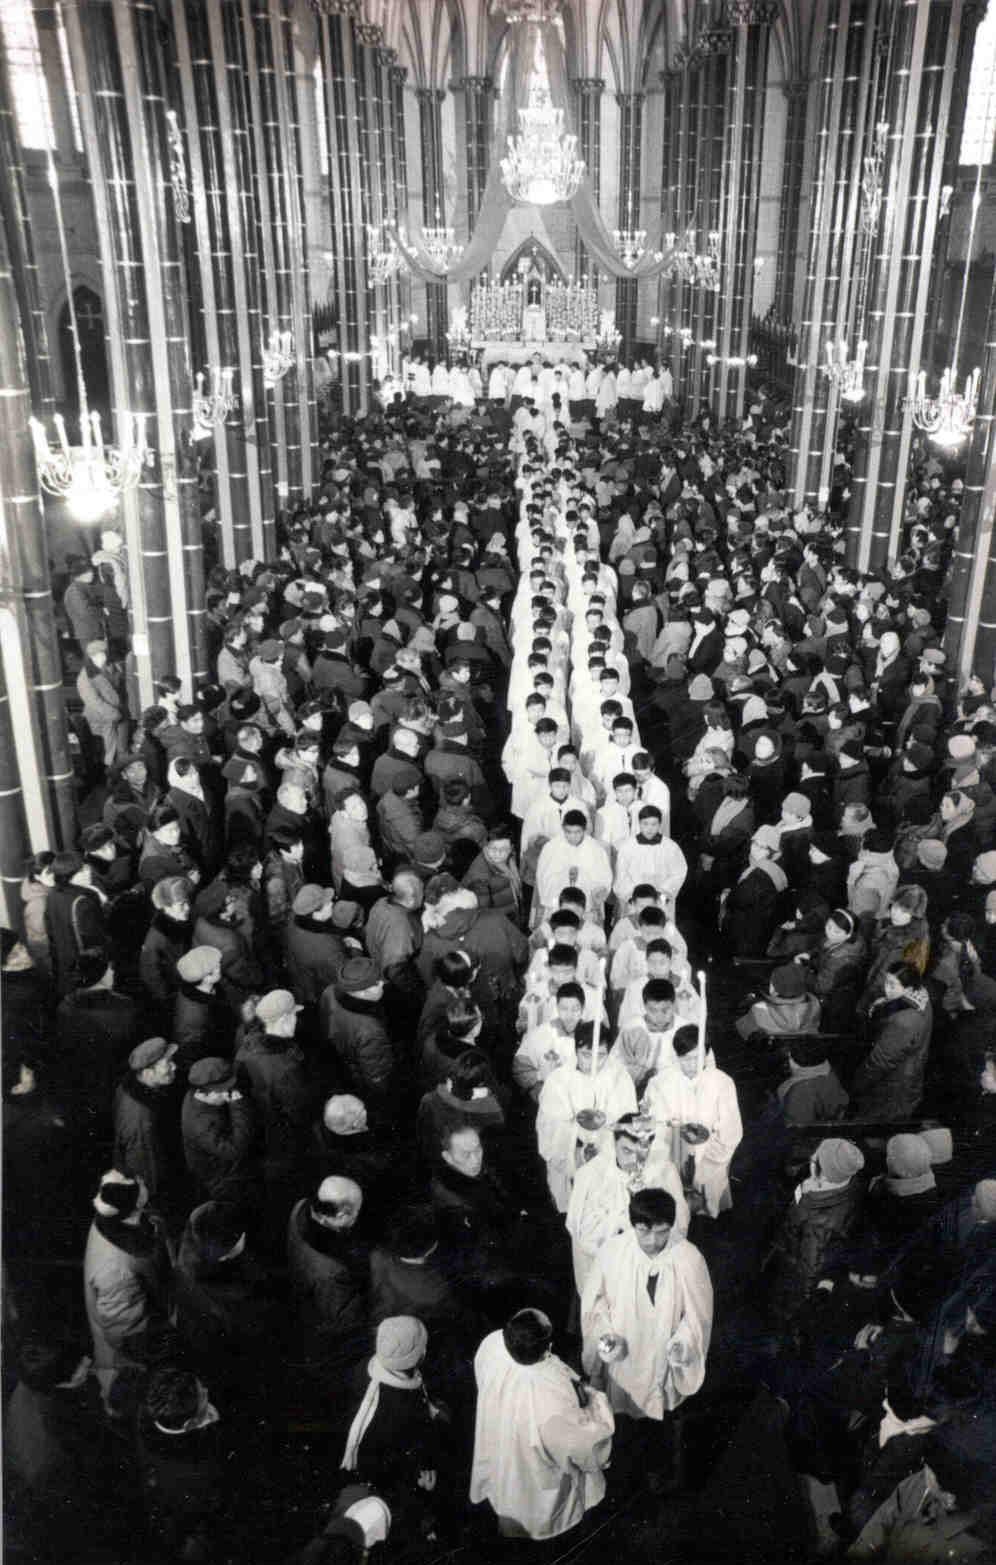 曾璜,《教堂开放》,北京,1985。原版明胶银盐, 20x25 cm